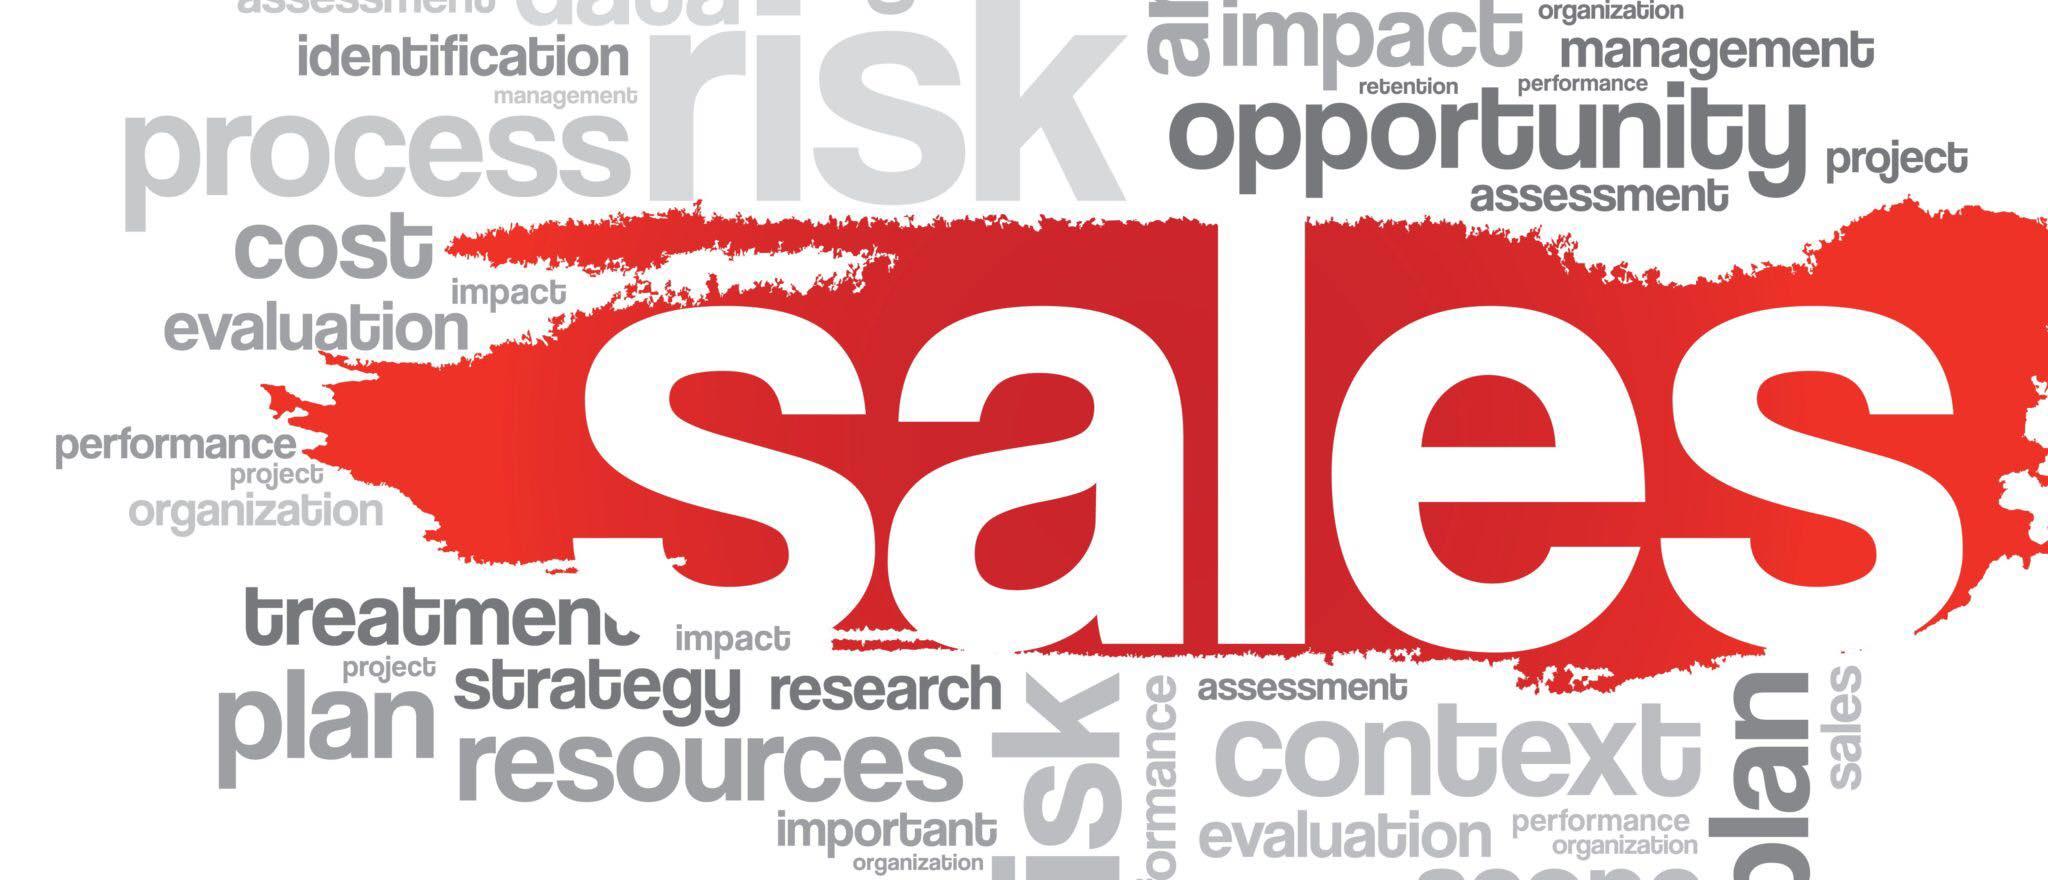 مطلوب موظفين مبيعات للعمل لدى شركة تامين بحوافز و عمولات